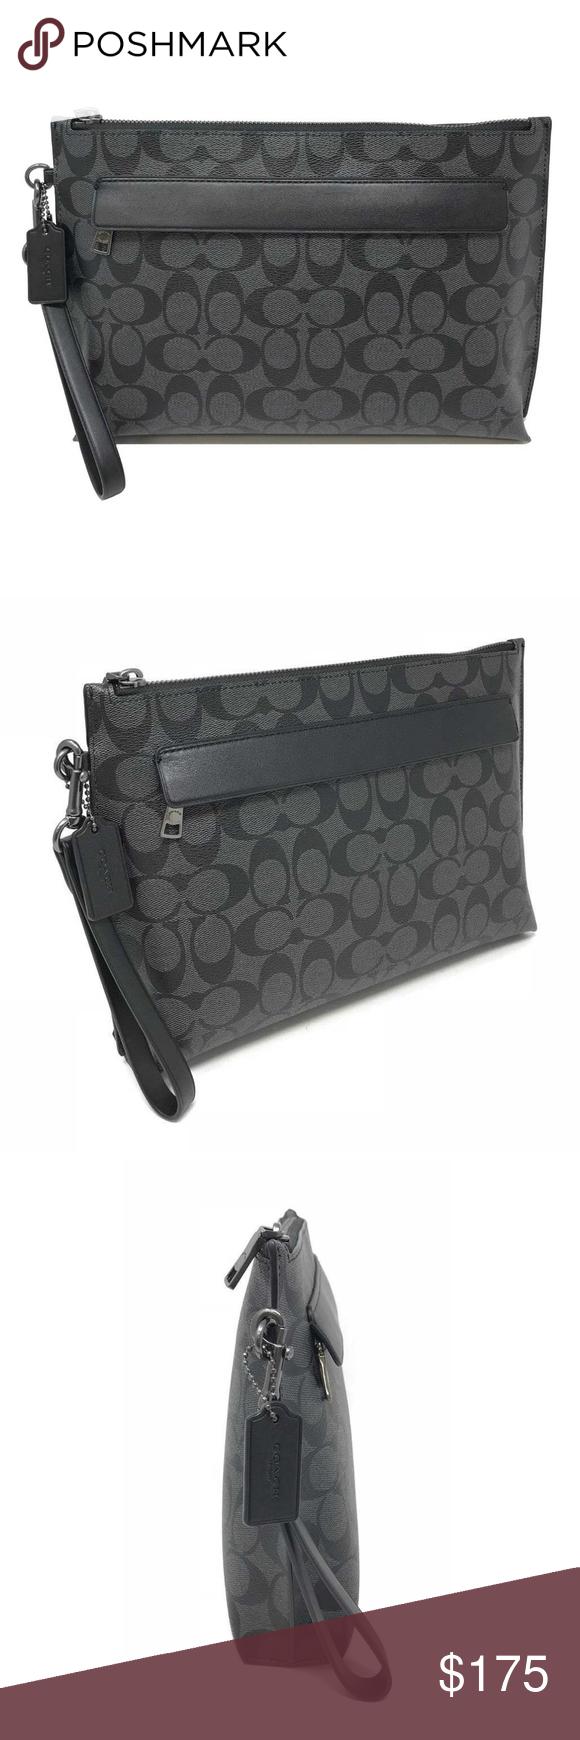 Coach Men S Carry All Pouch Signature Black Bag Bags Black Bag Coach Men